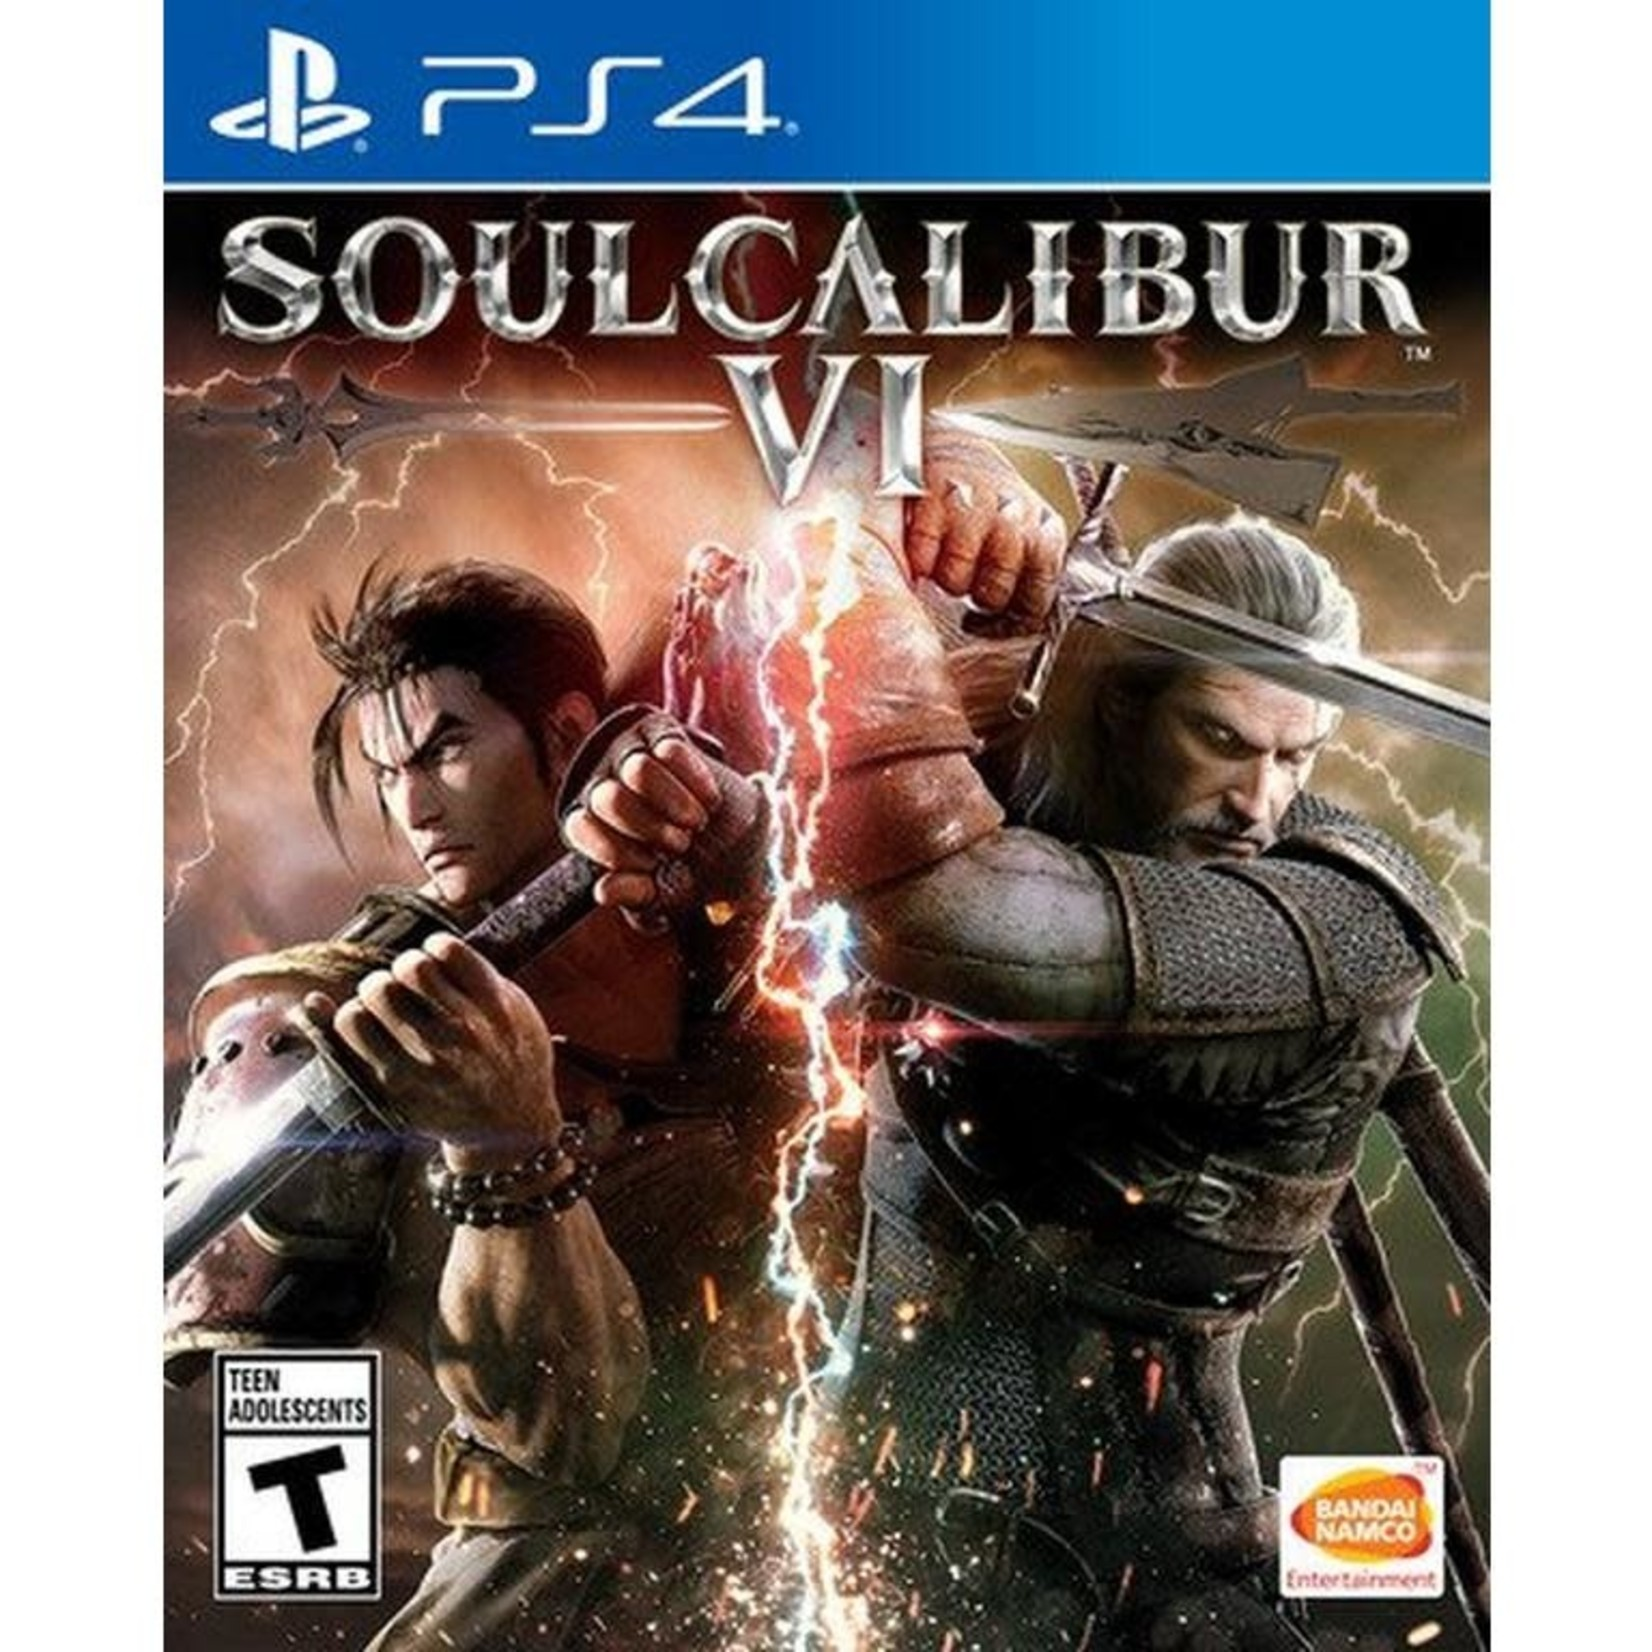 PS4-SOULCALIBUR VI